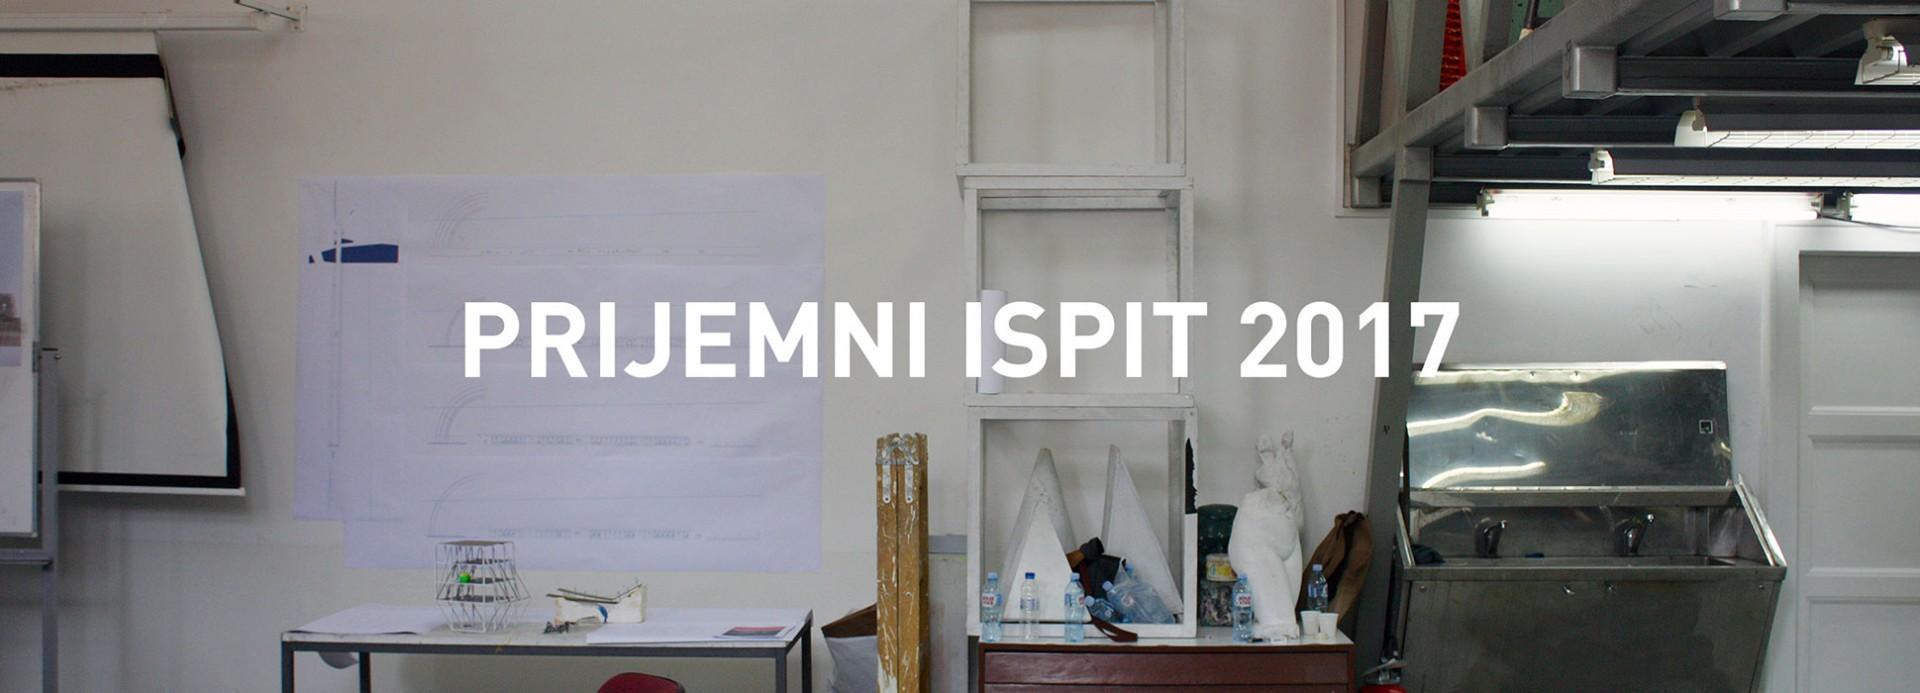 Пријемни испит 2017. за упис у прву годину студијских програма Архитектонског факултета у Београду